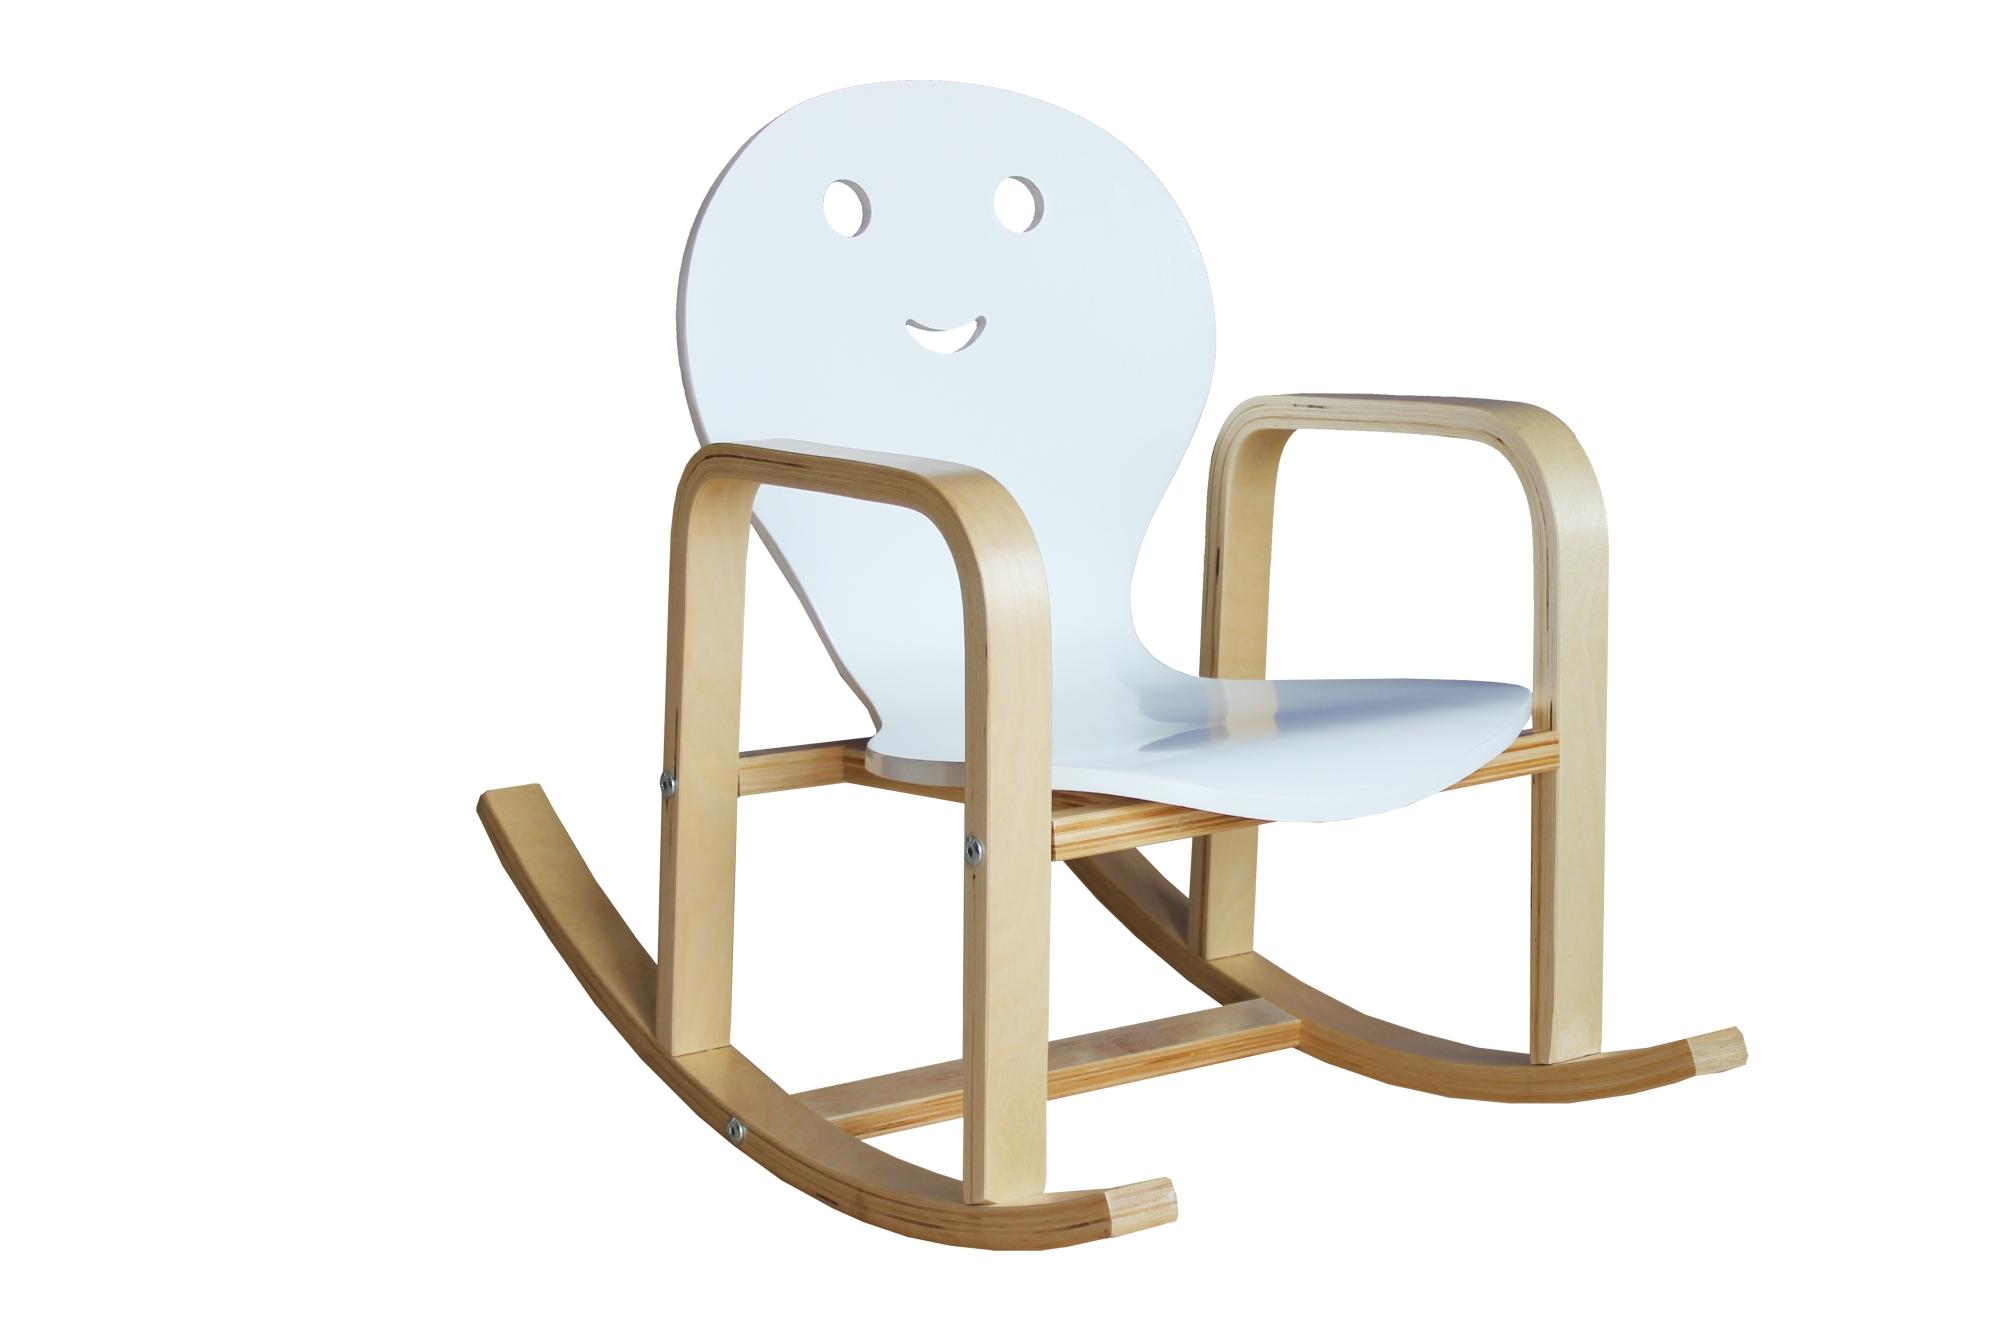 Fauteuil rocking chair enfant en bois coloris blanc Benny